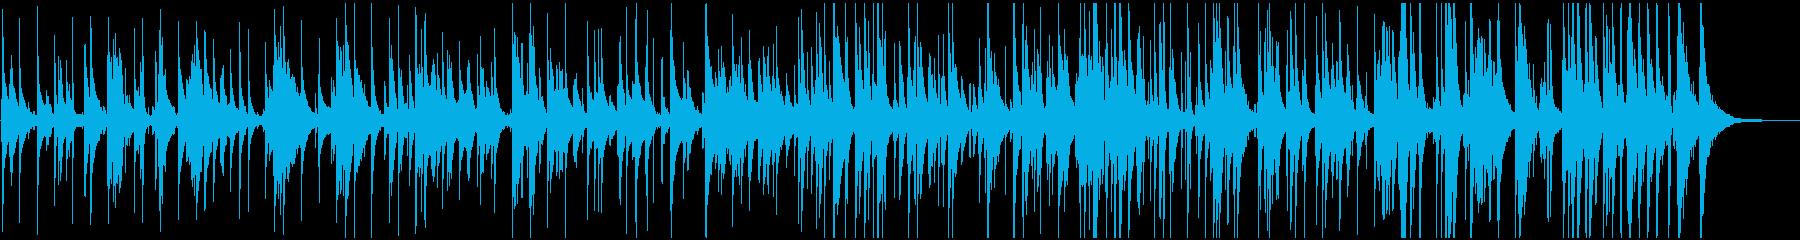 秋や冬に合う黄昏のジャズ トリオの再生済みの波形